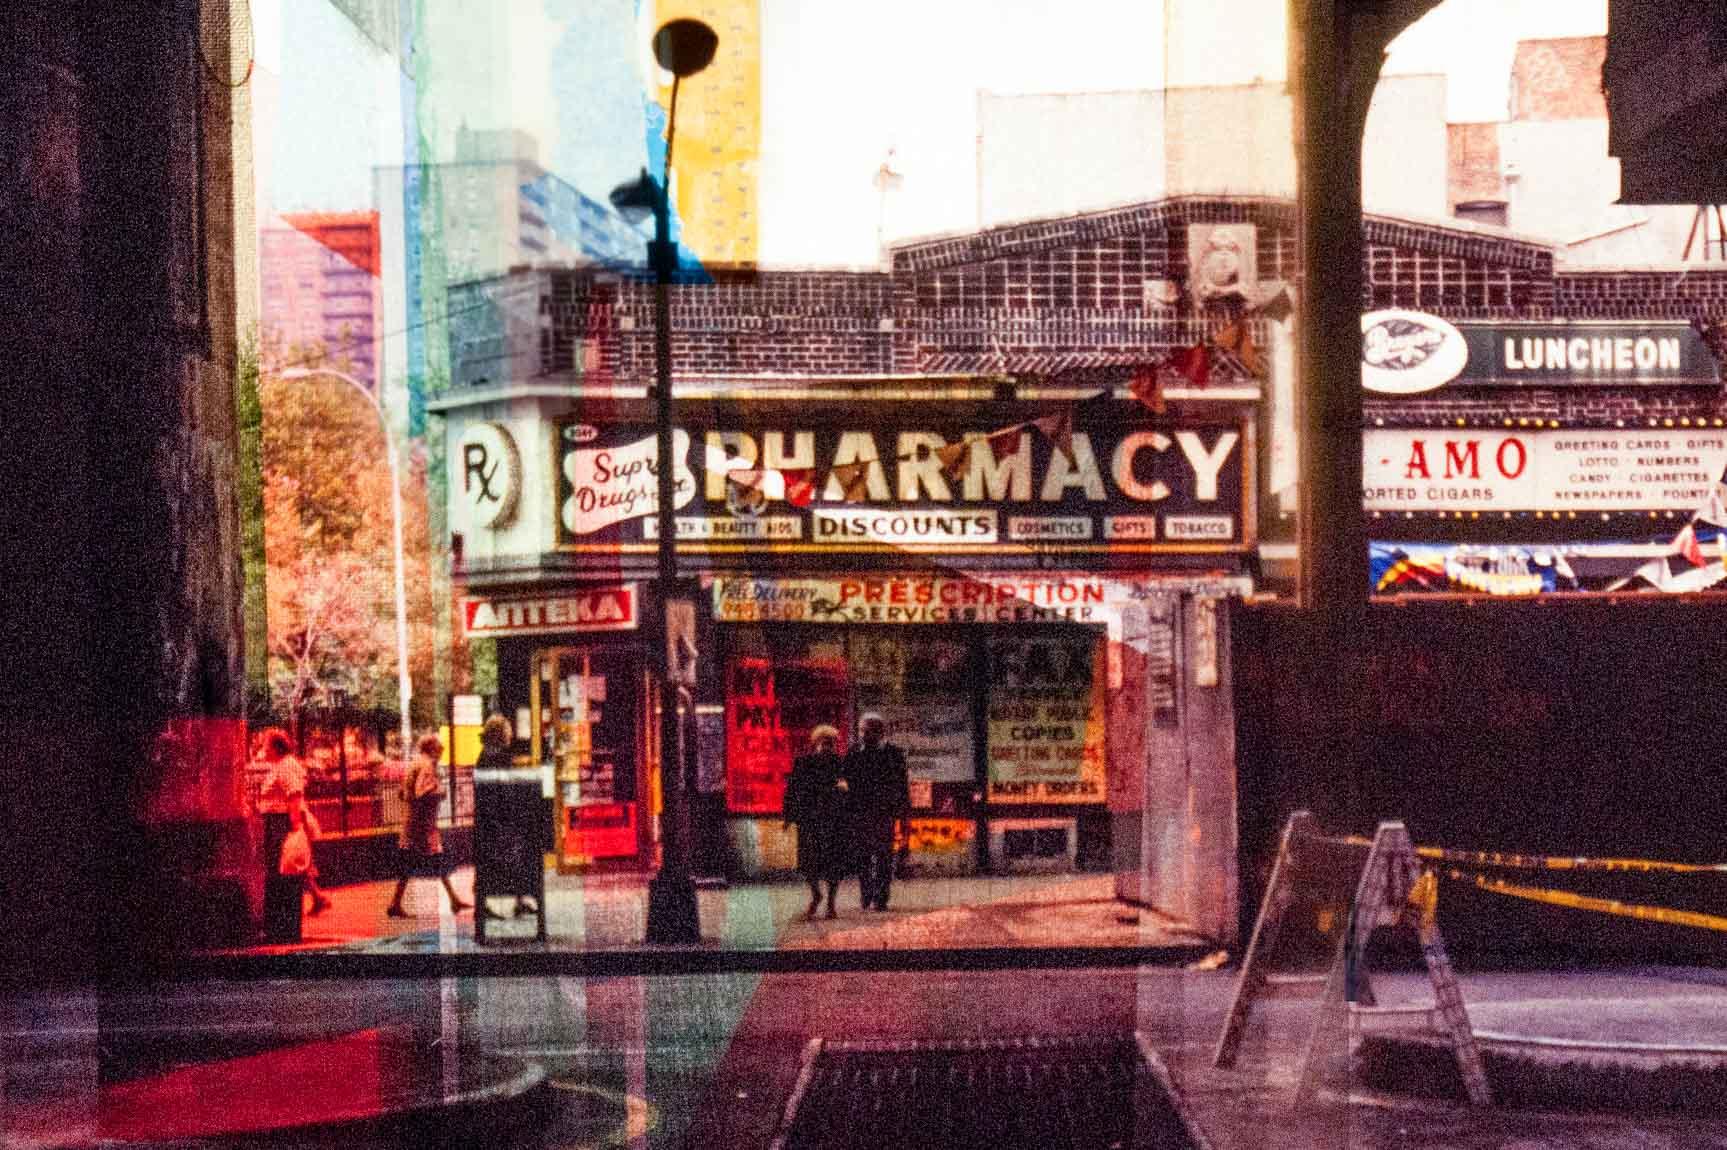 pharmacy NY lr-.jpg